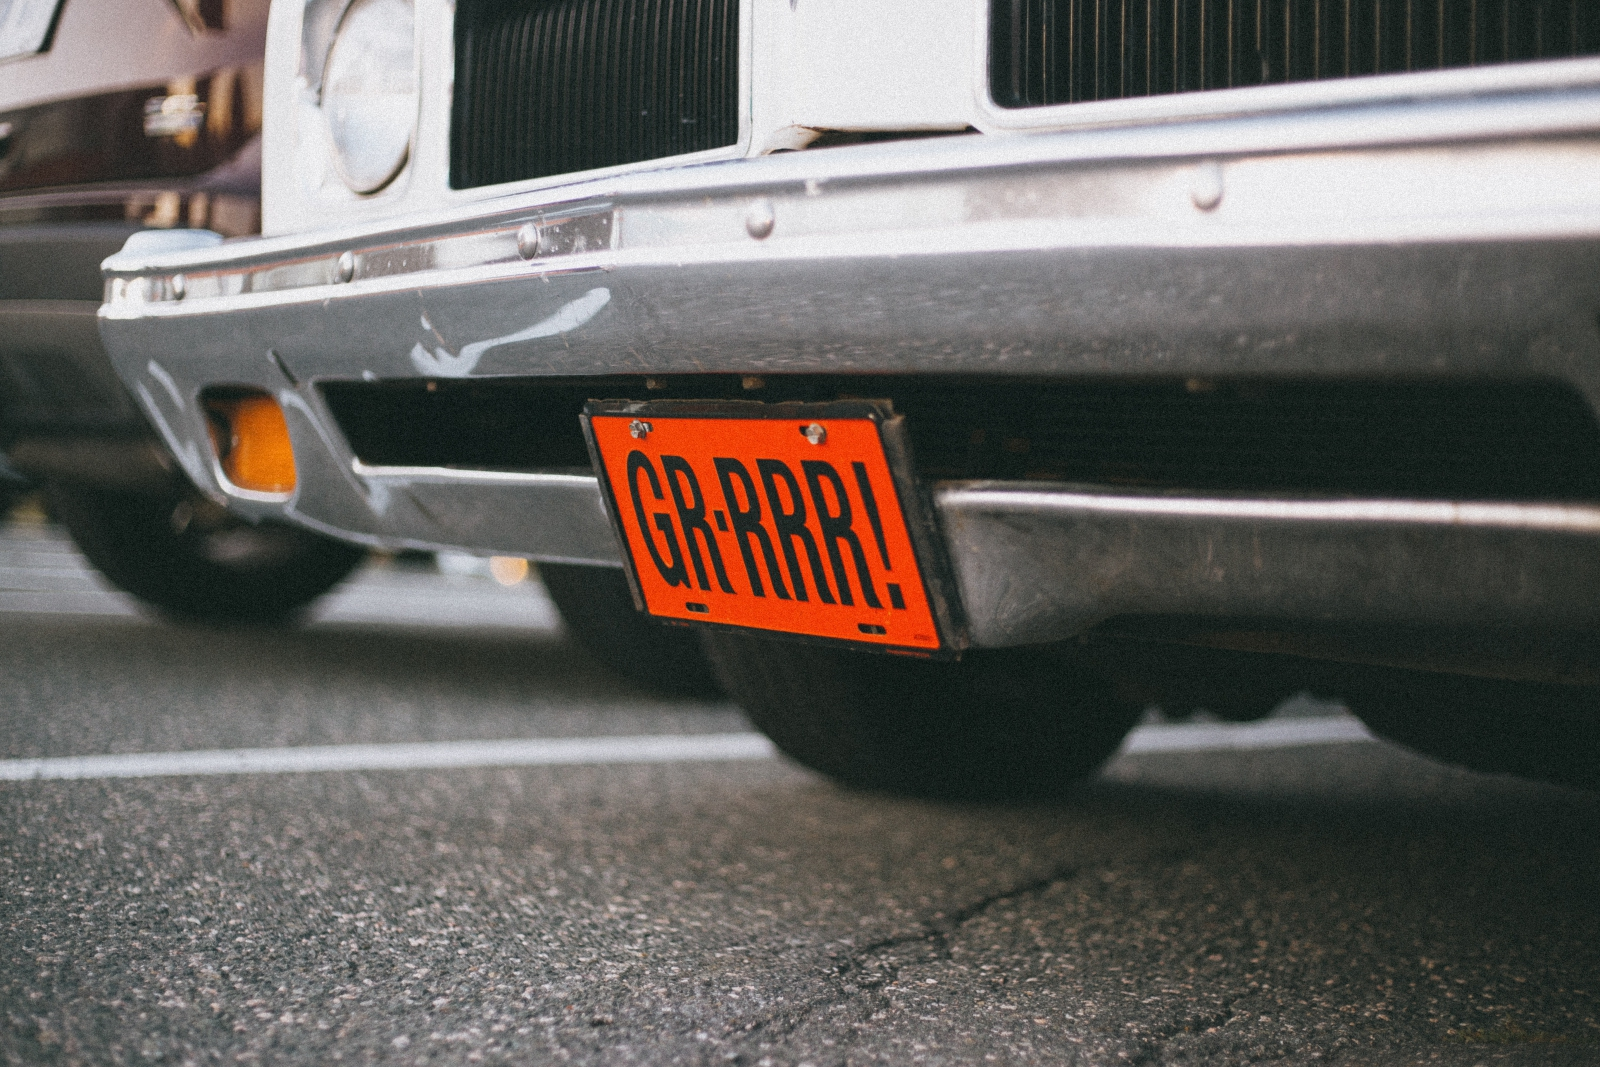 【機車專知】車牌可以重新烤漆嗎?關於車牌有哪些規定嗎?